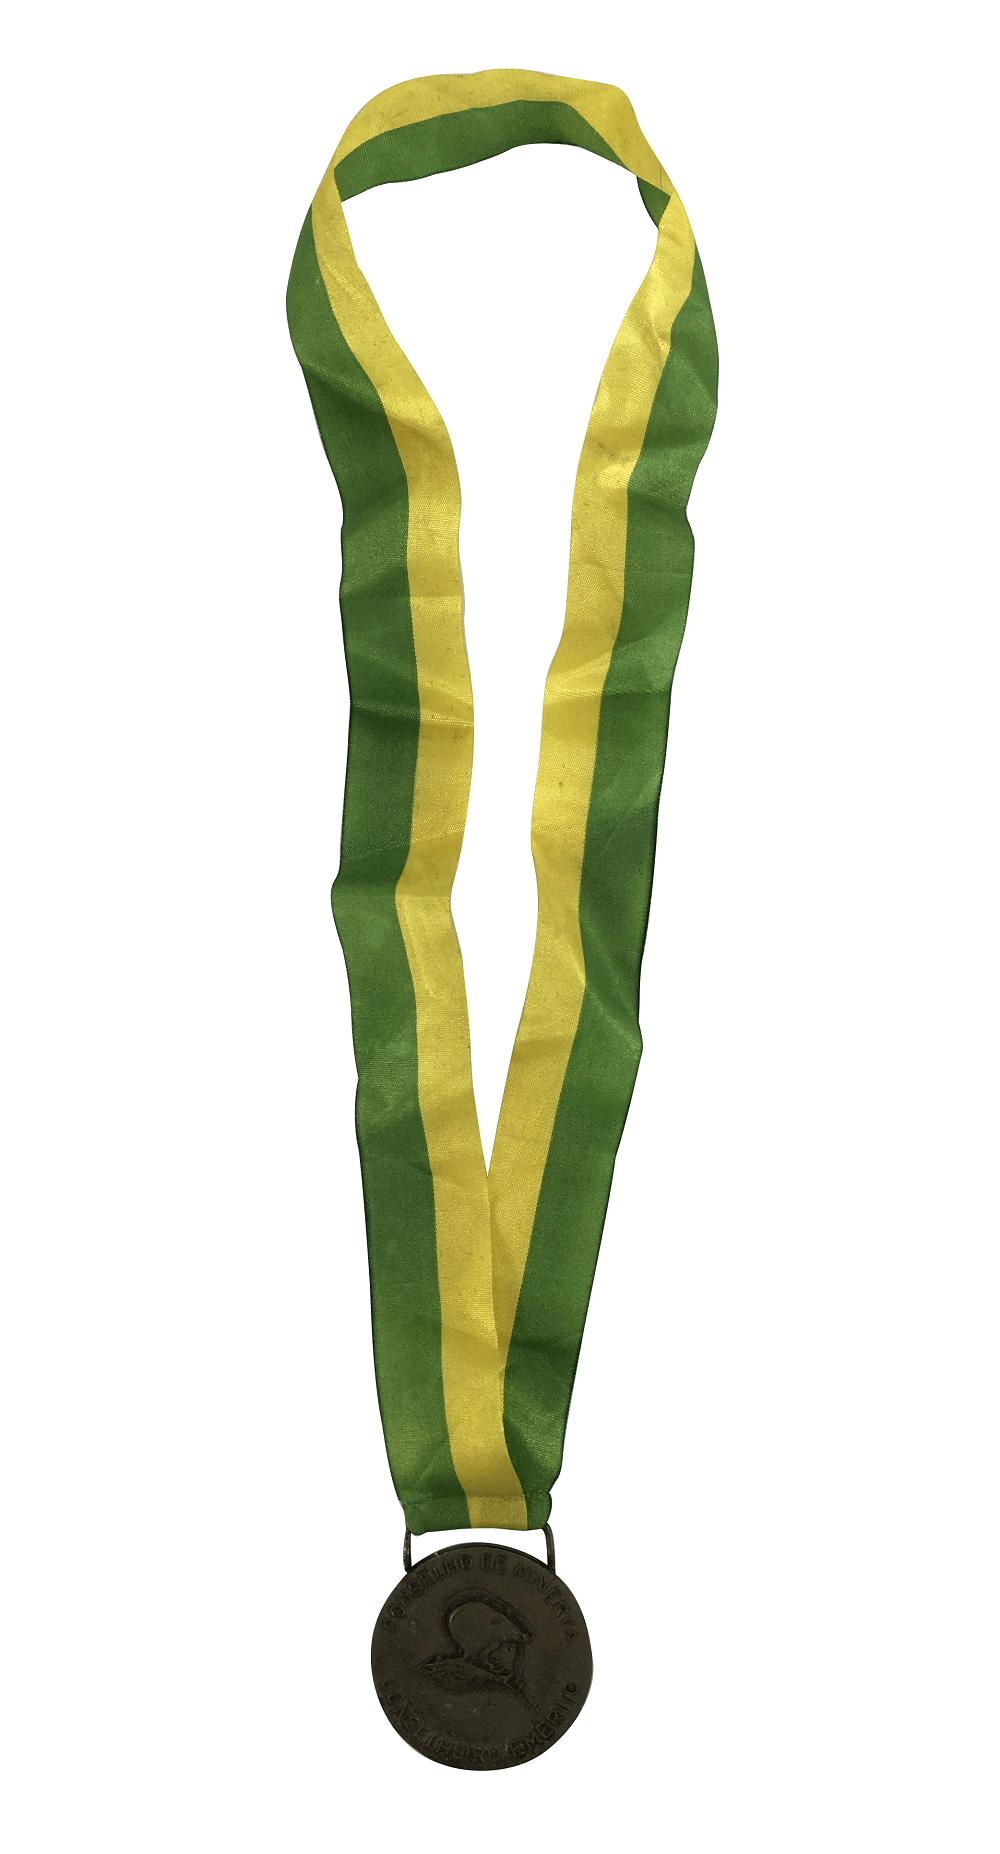 Medalha Antiga Conselho De Minerva